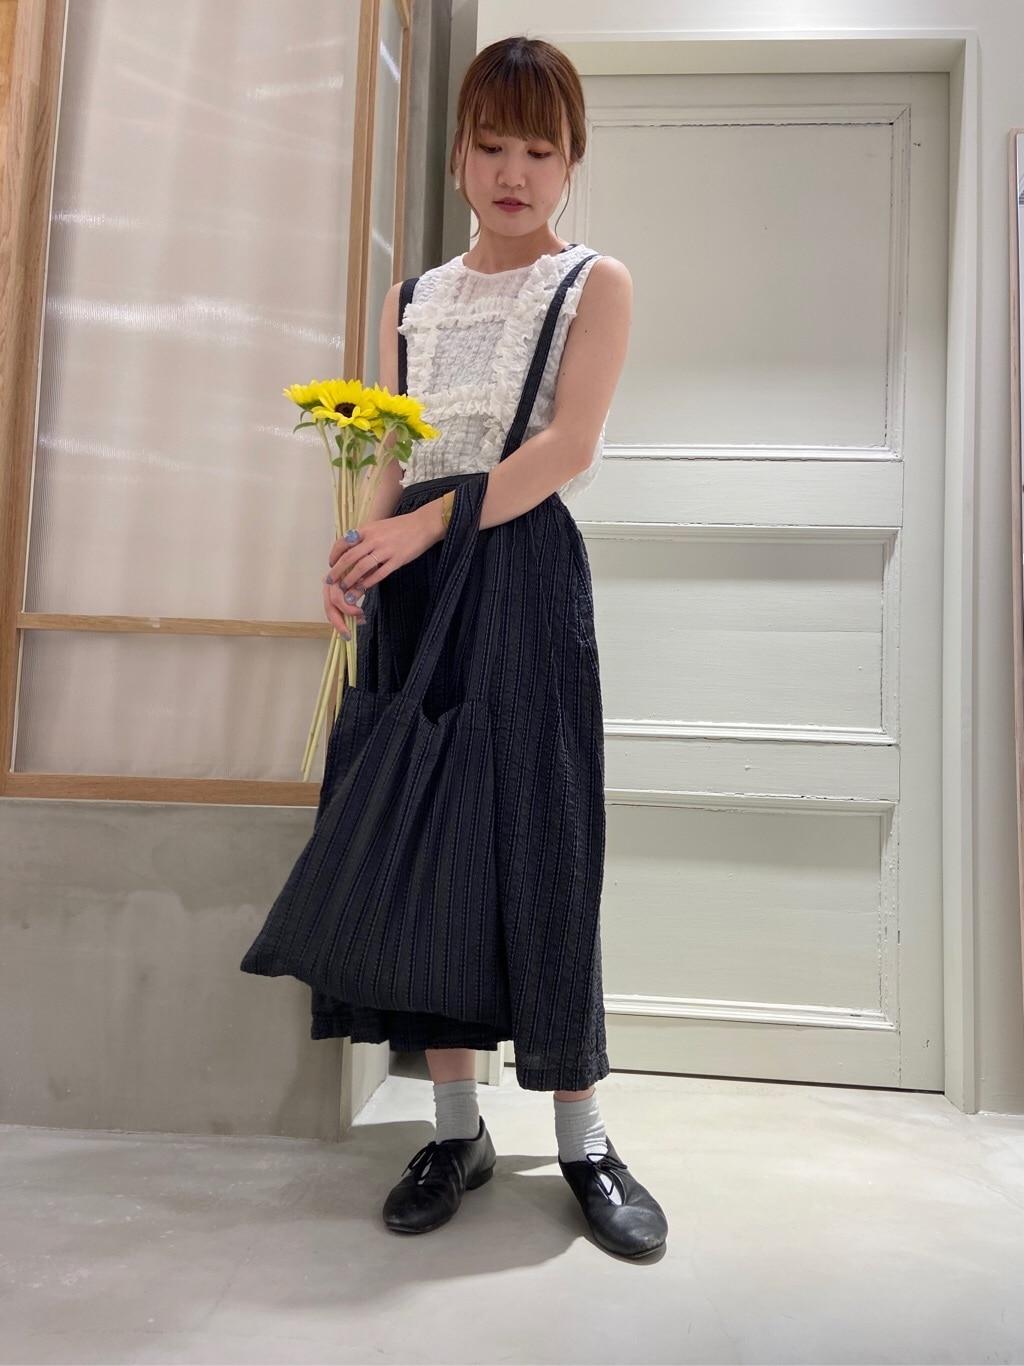 渋谷スクランブルスクエア 2020.07.21